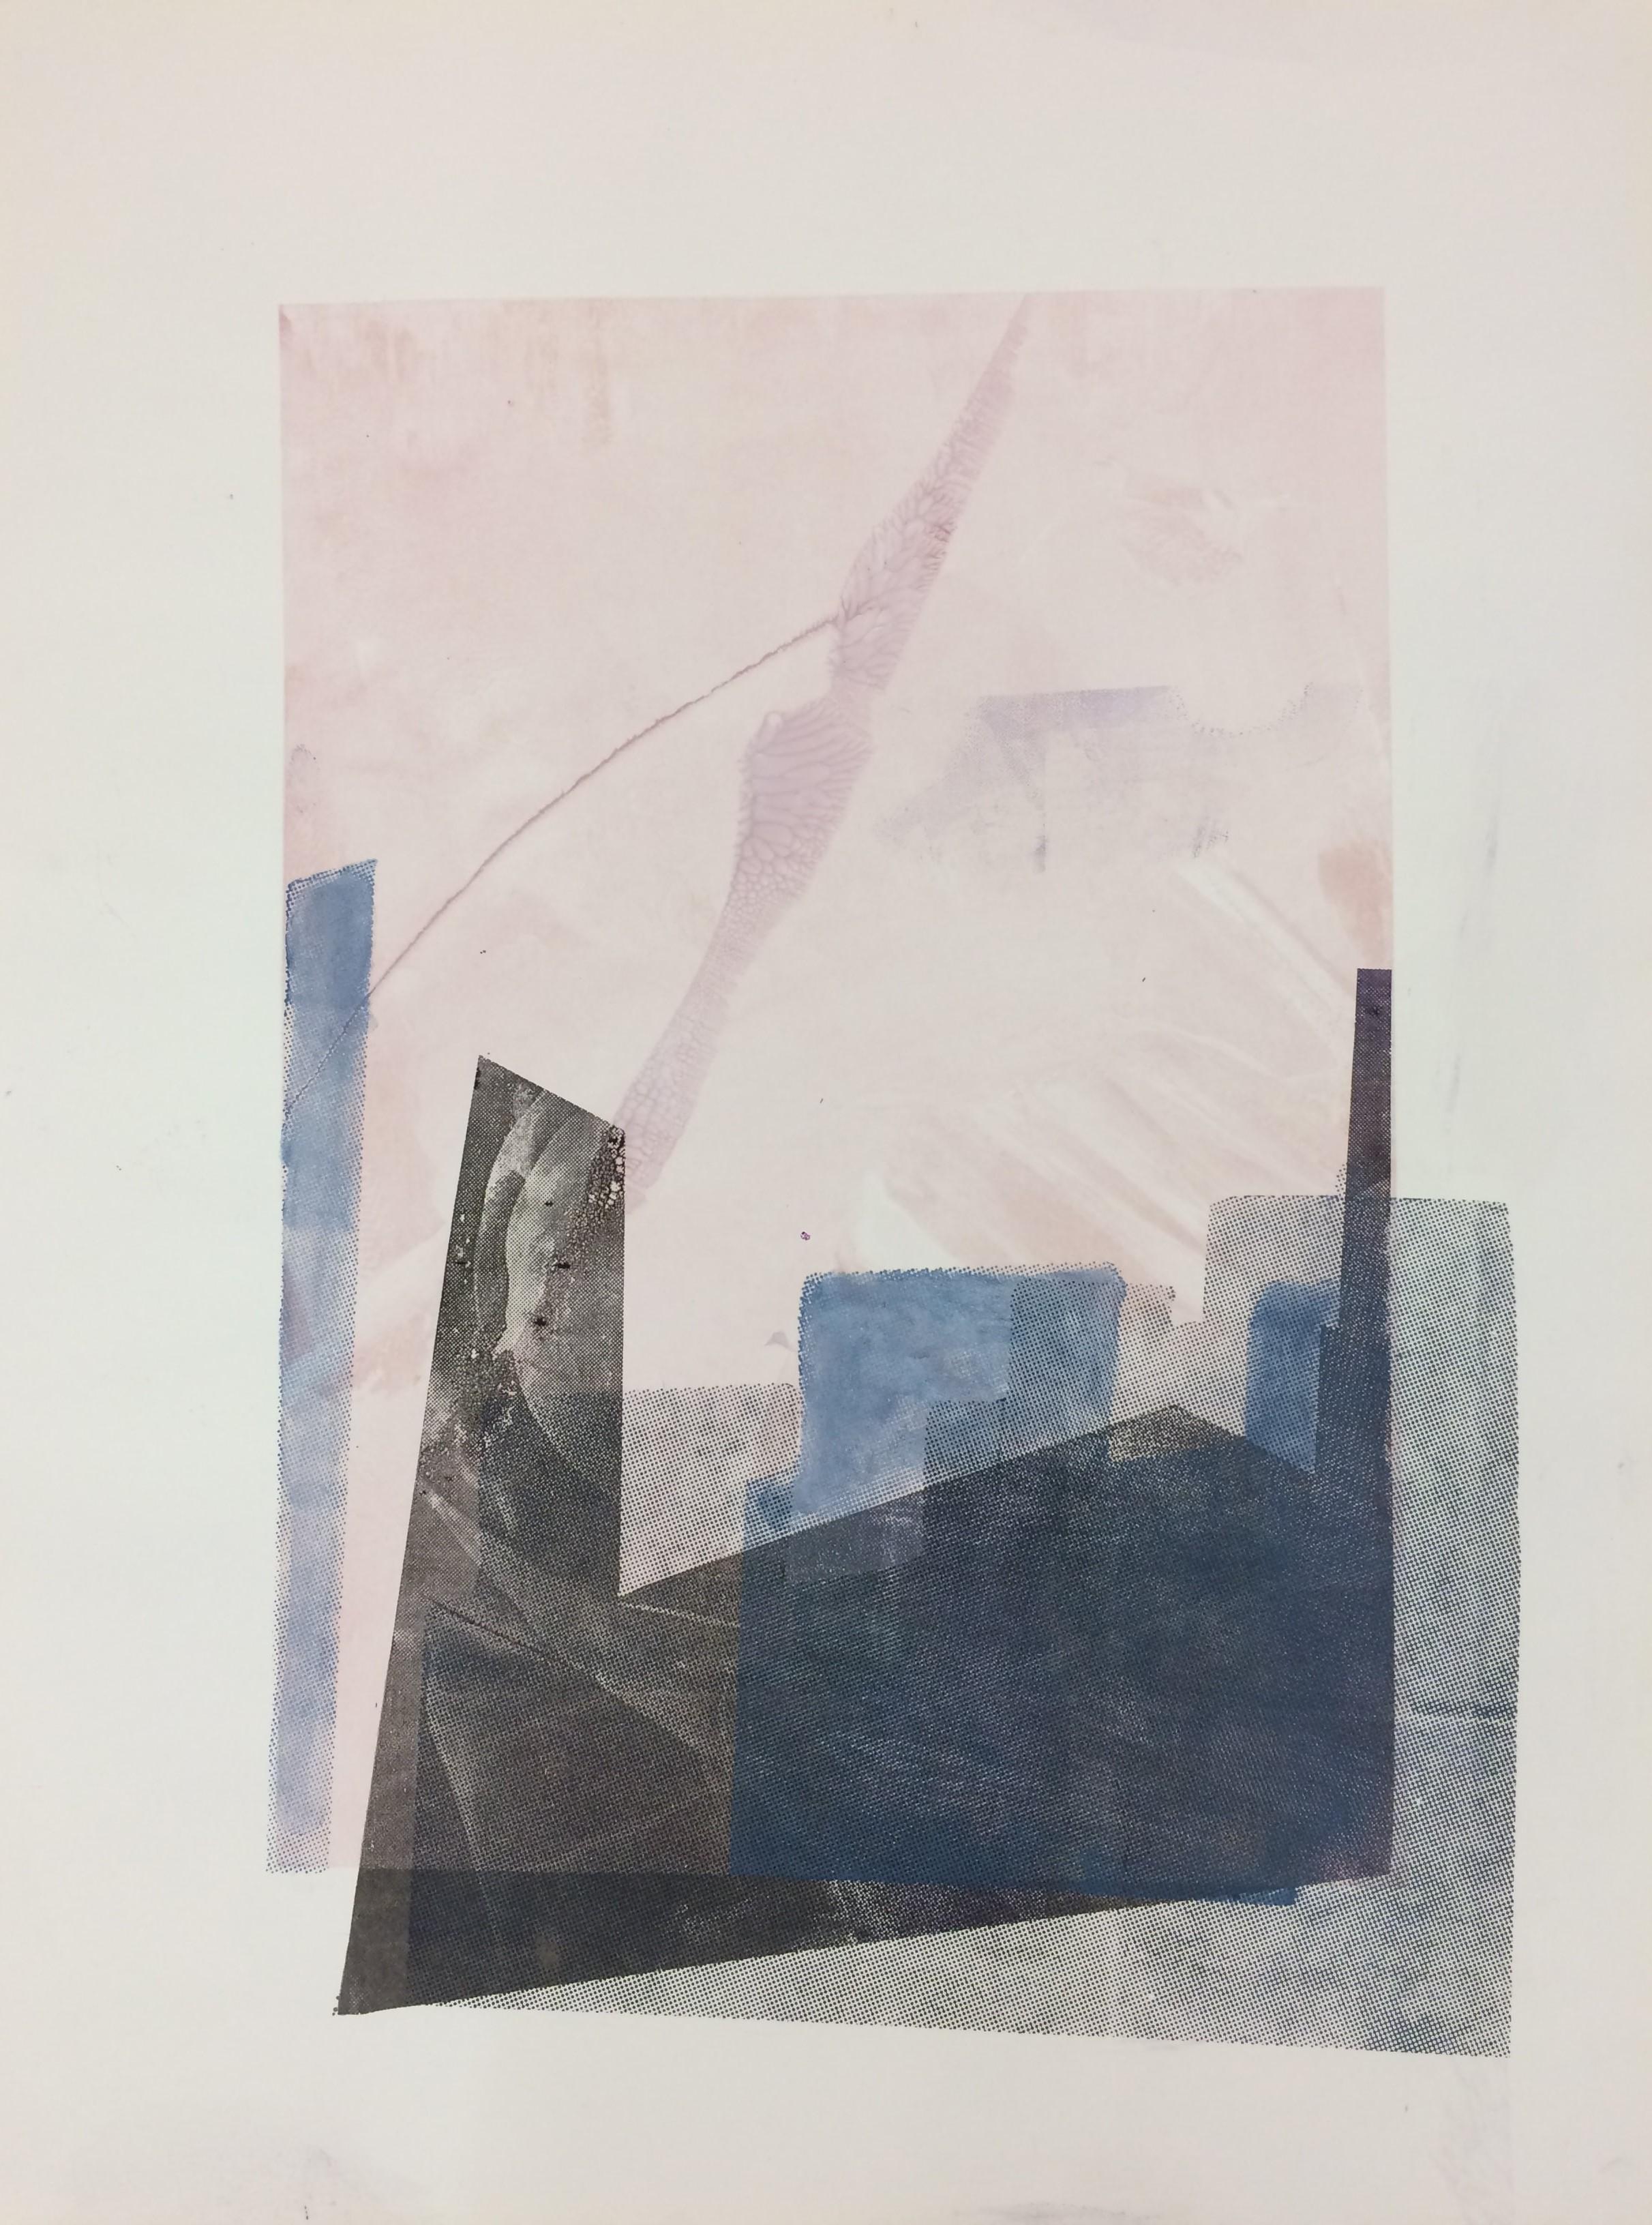 Katharina Moser, Sunrise City Structures 1, 45x60cm, Siebdruck, 2017 (mit Rahmen, entspiegeltes Glas)